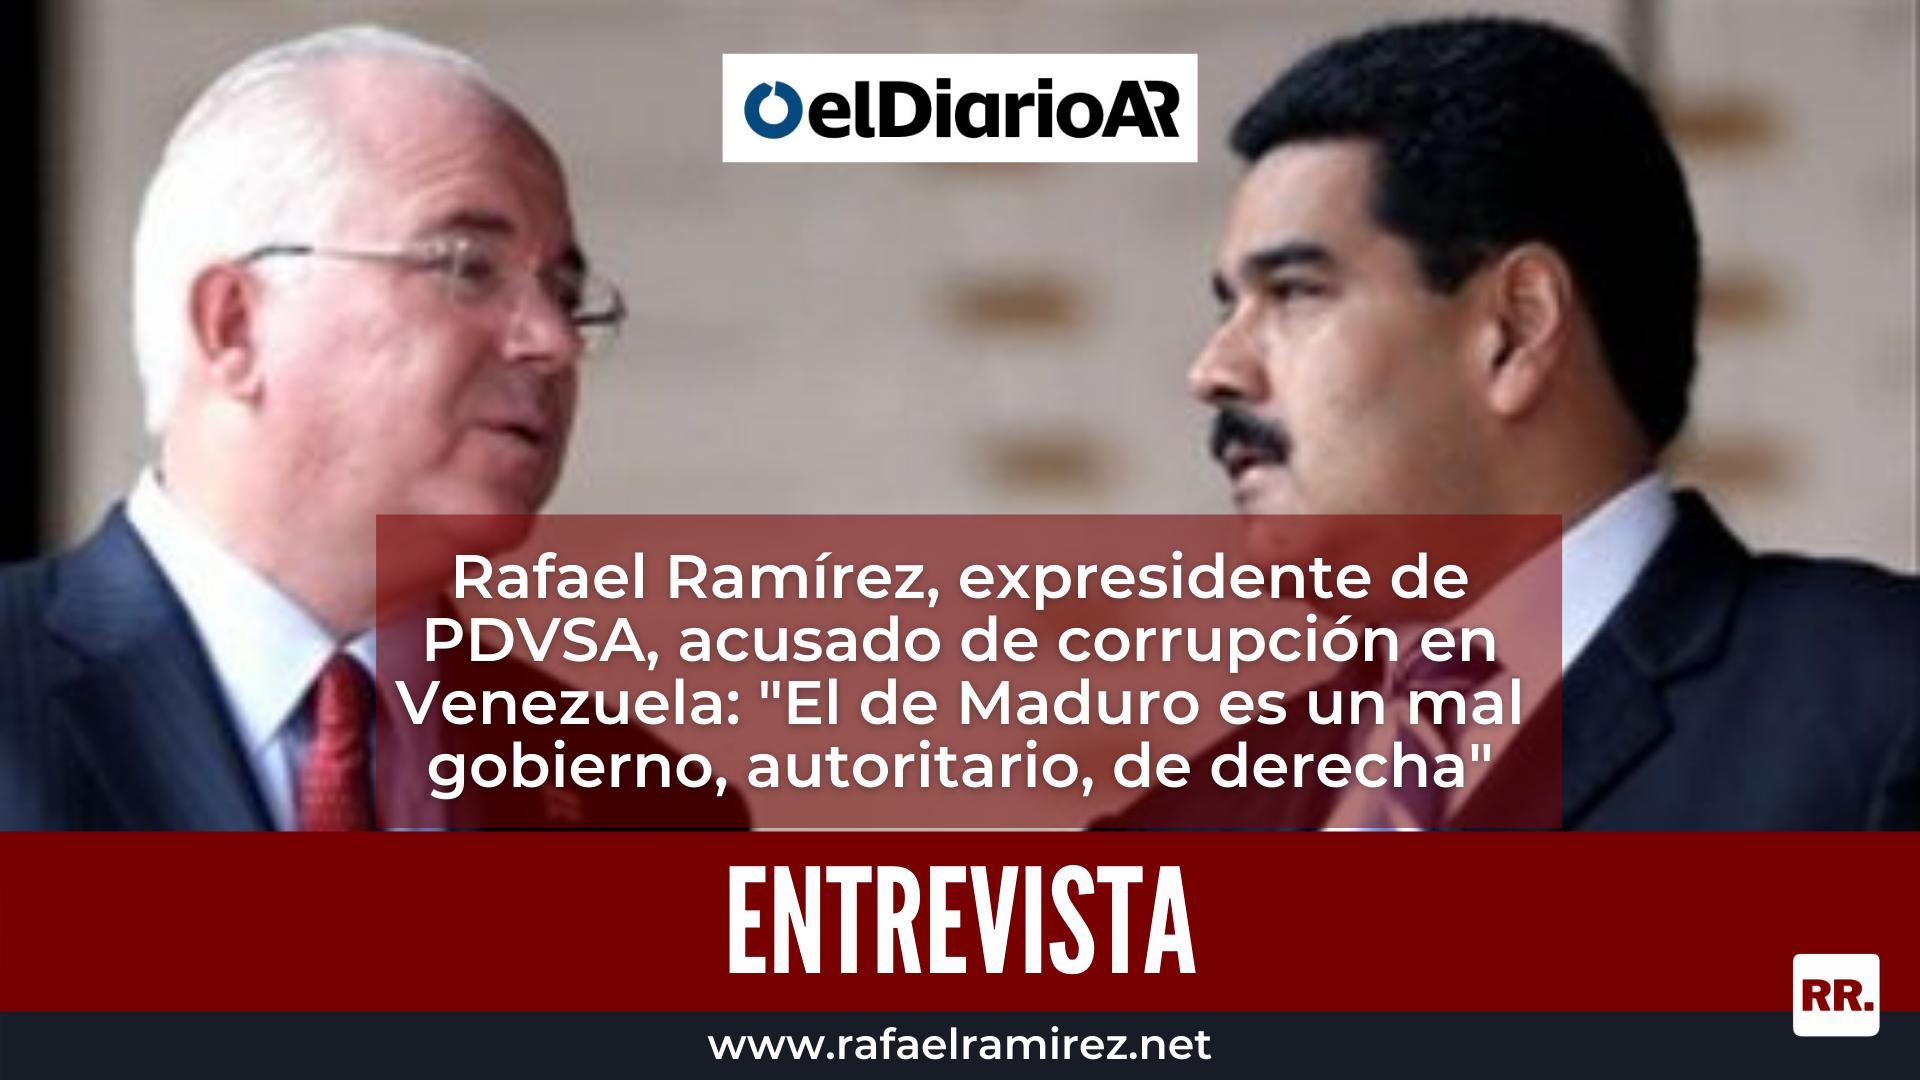 """Rafael Ramírez, expresidente de PDVSA, acusado de corrupción en Venezuela: """"El de Maduro es un mal gobierno, autoritario, de derecha"""""""